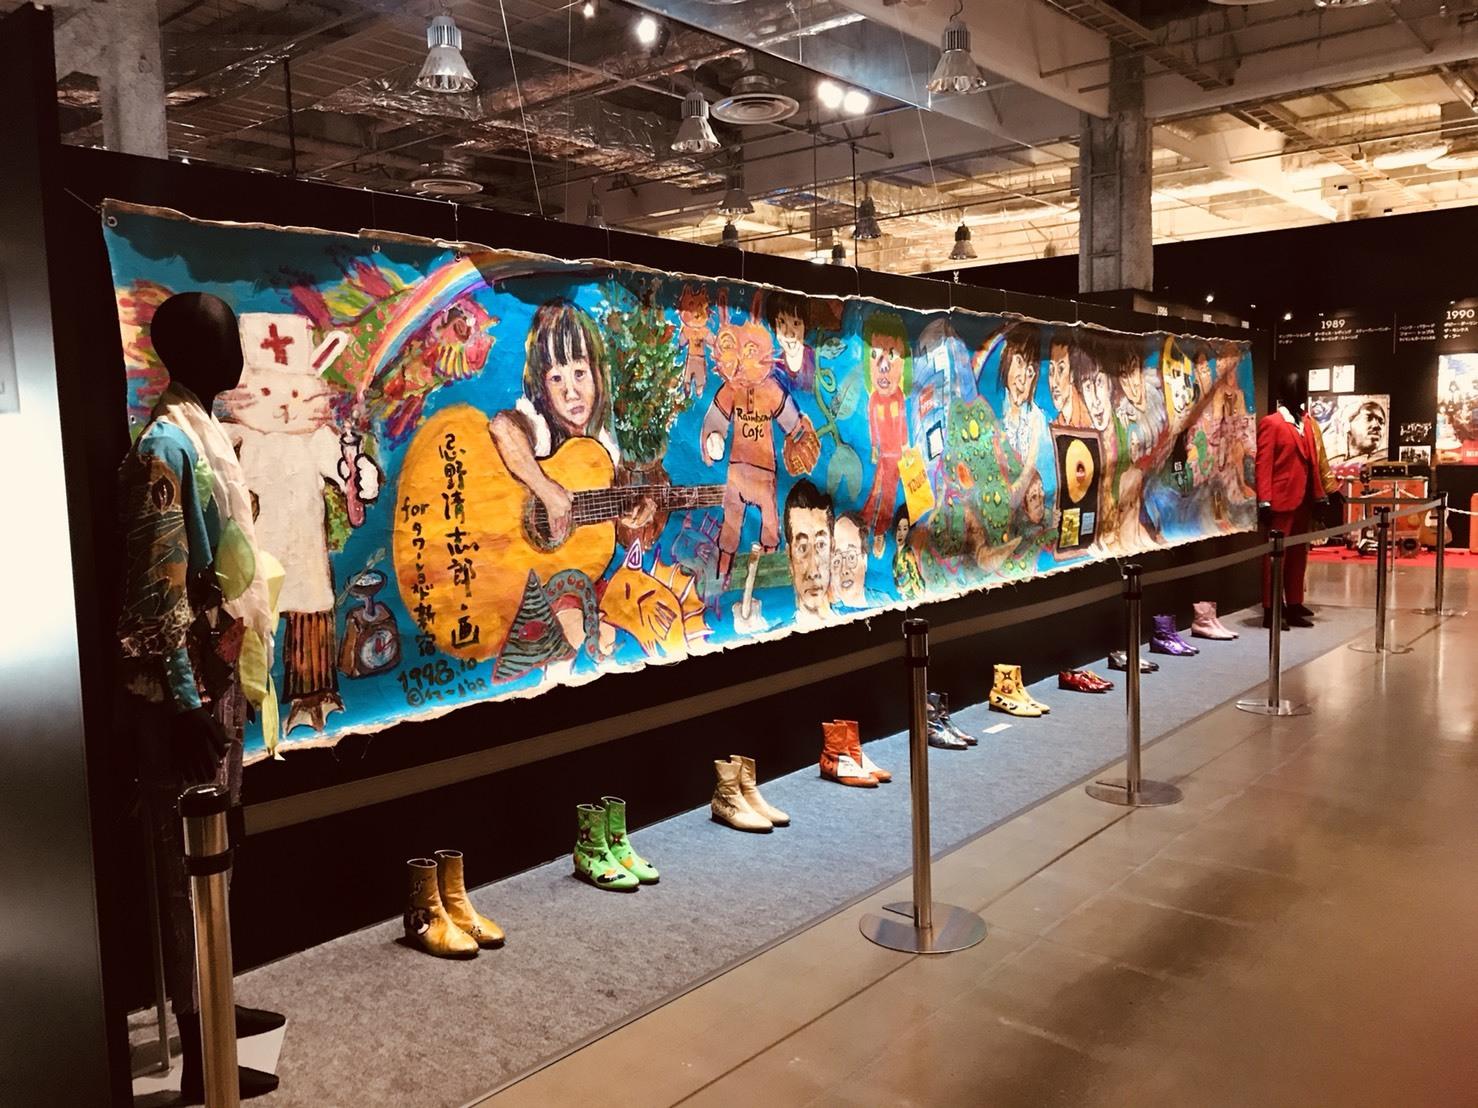 9mの絵画や衣装類